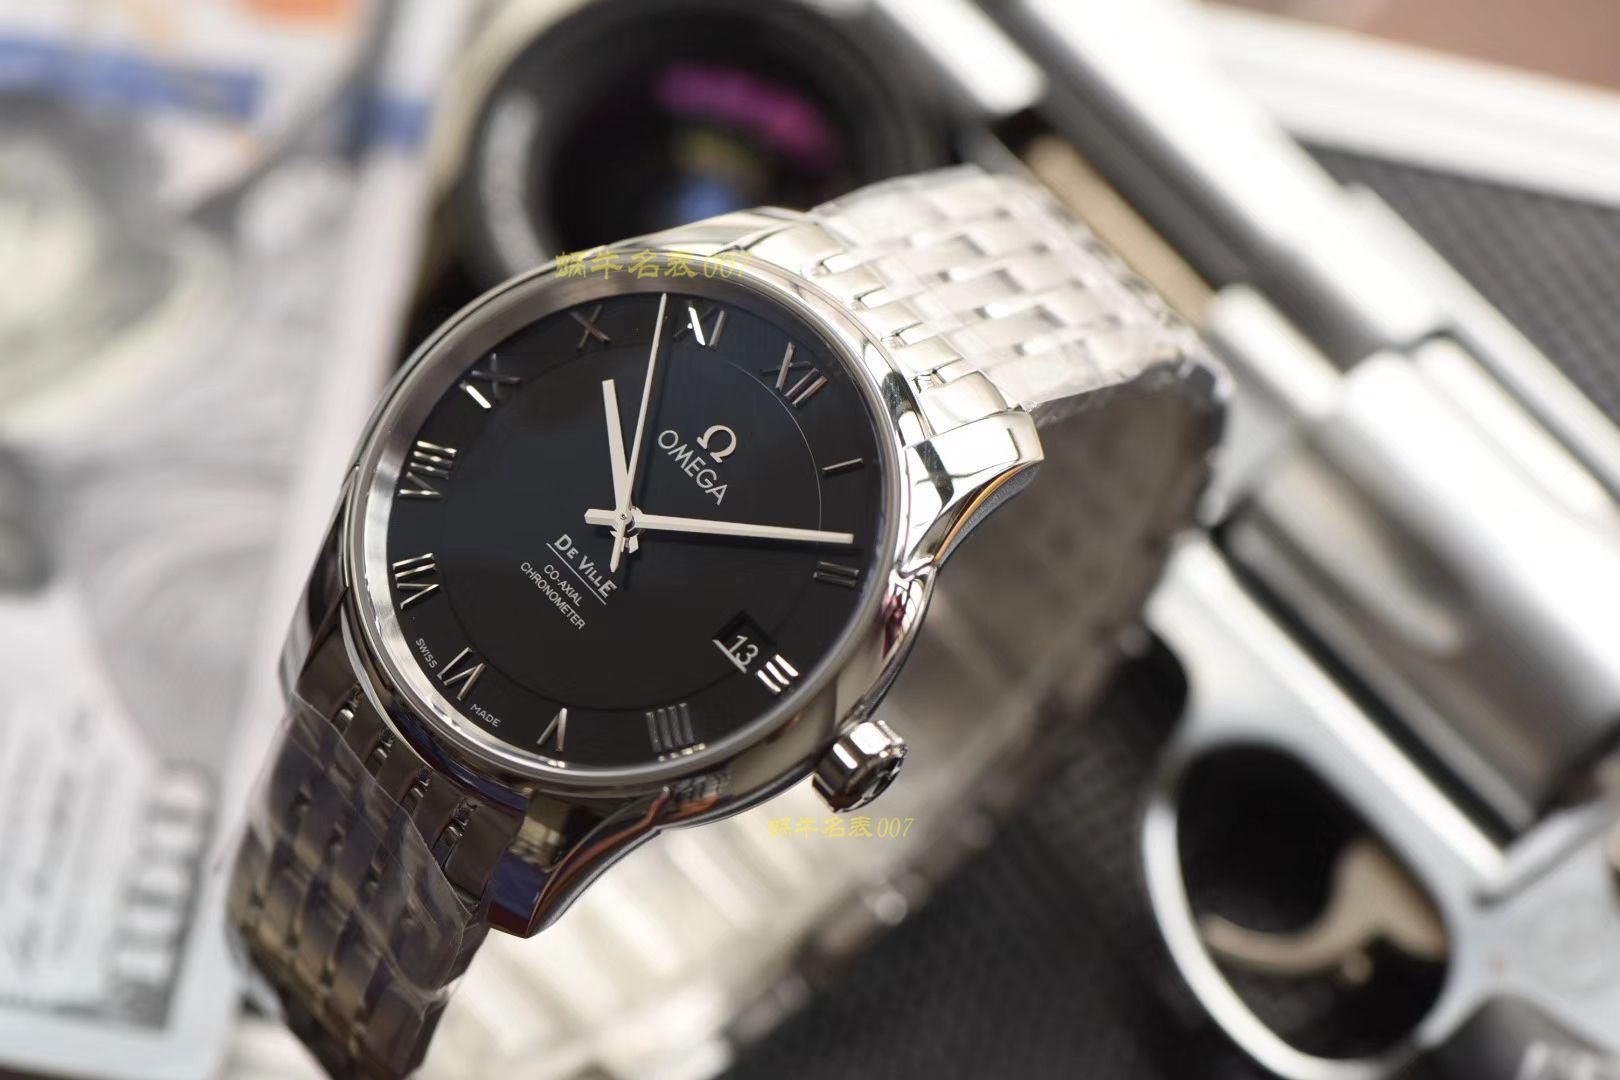 欧米茄碟飞系列431.10.41.21.01.001腕表一比一高仿手表【VS 新品 :蝶飞经典黑 搭载同轴8500机芯上市!】 / M357